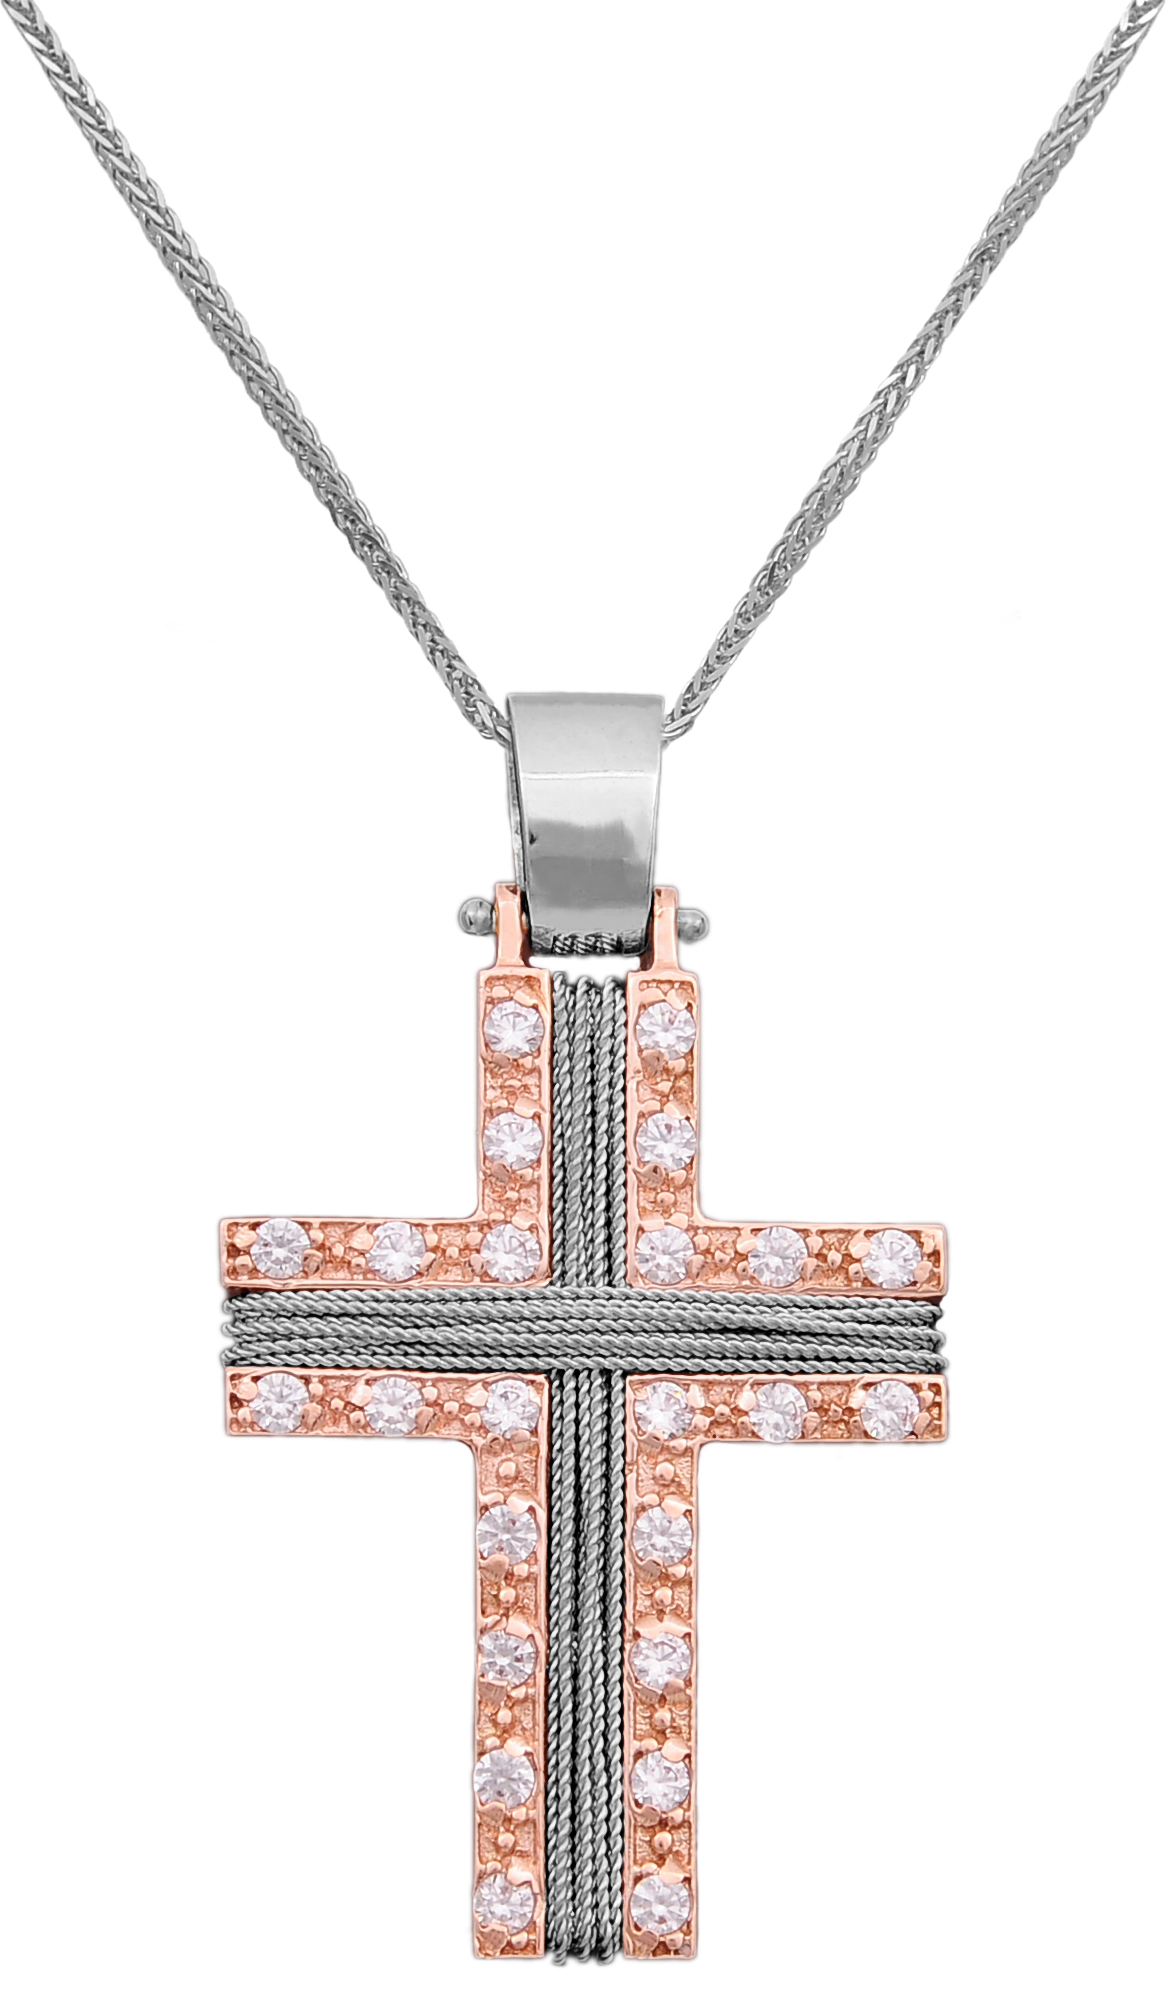 Βαπτιστικοί Σταυροί με Αλυσίδα Ροζ σταυρός 14Κ με αλυσίδα 012172C Γυναικείο Χρυσός 14 Καράτια